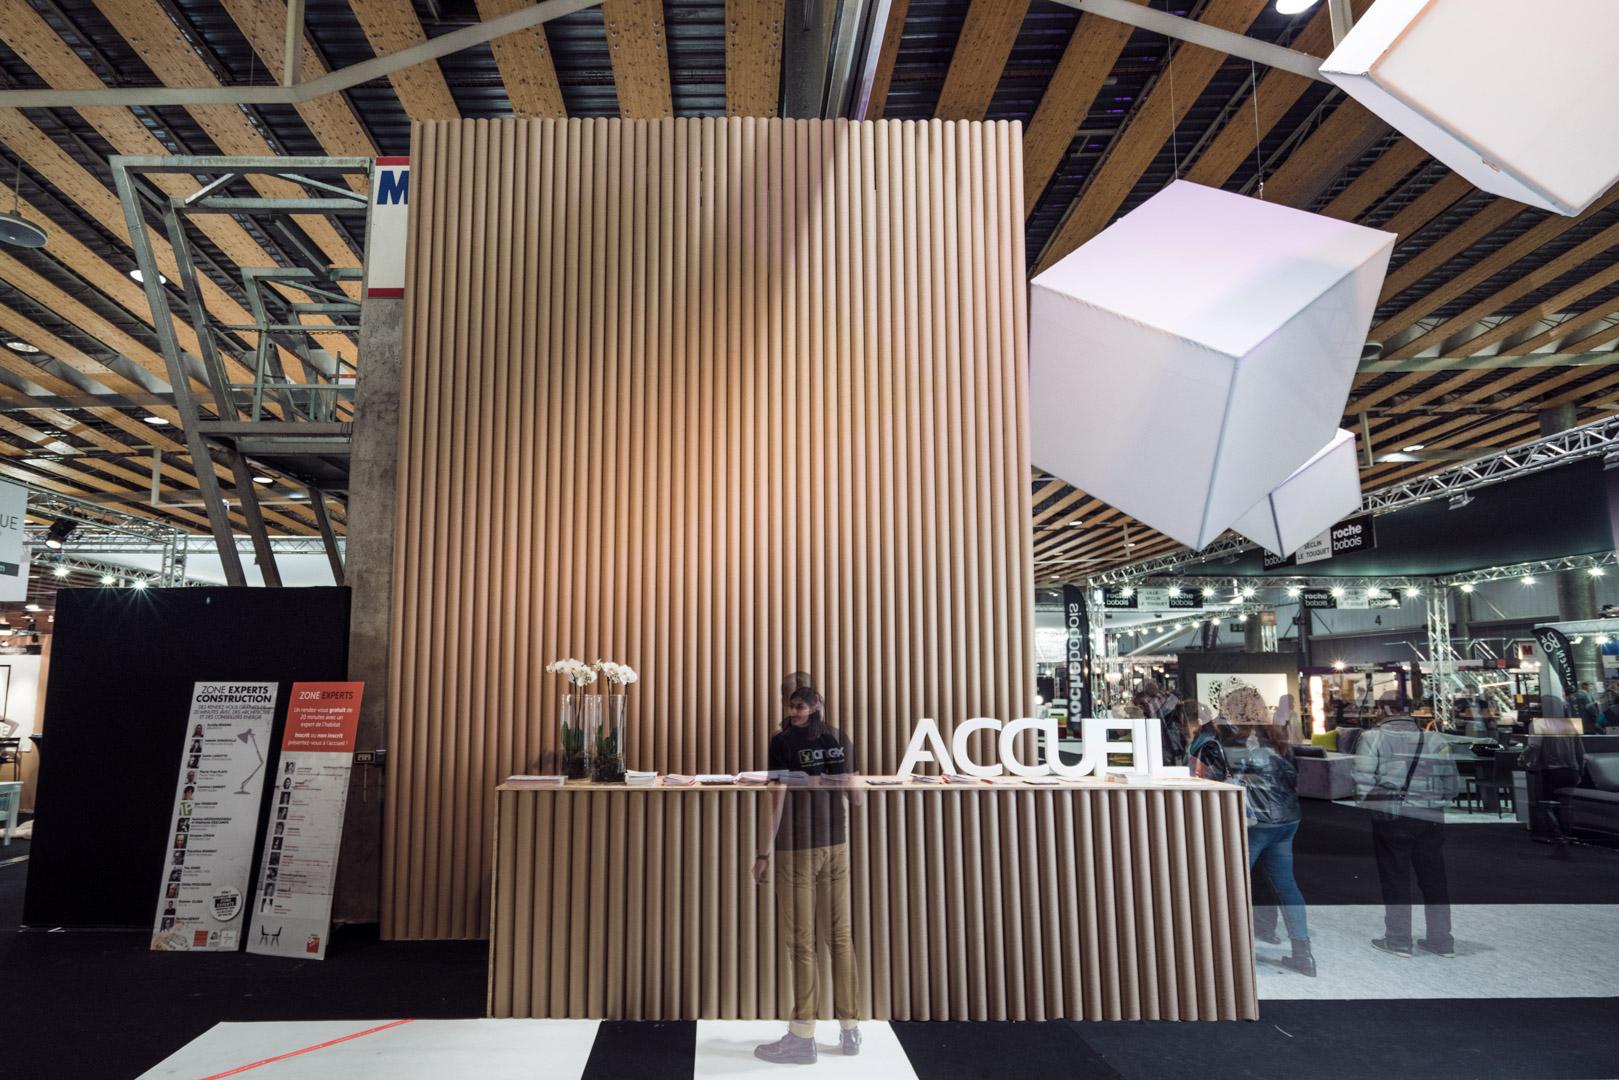 architecte lille plux scénographie nord amenago événementiel événement grand palais carton nouveautée salon conseils (1)